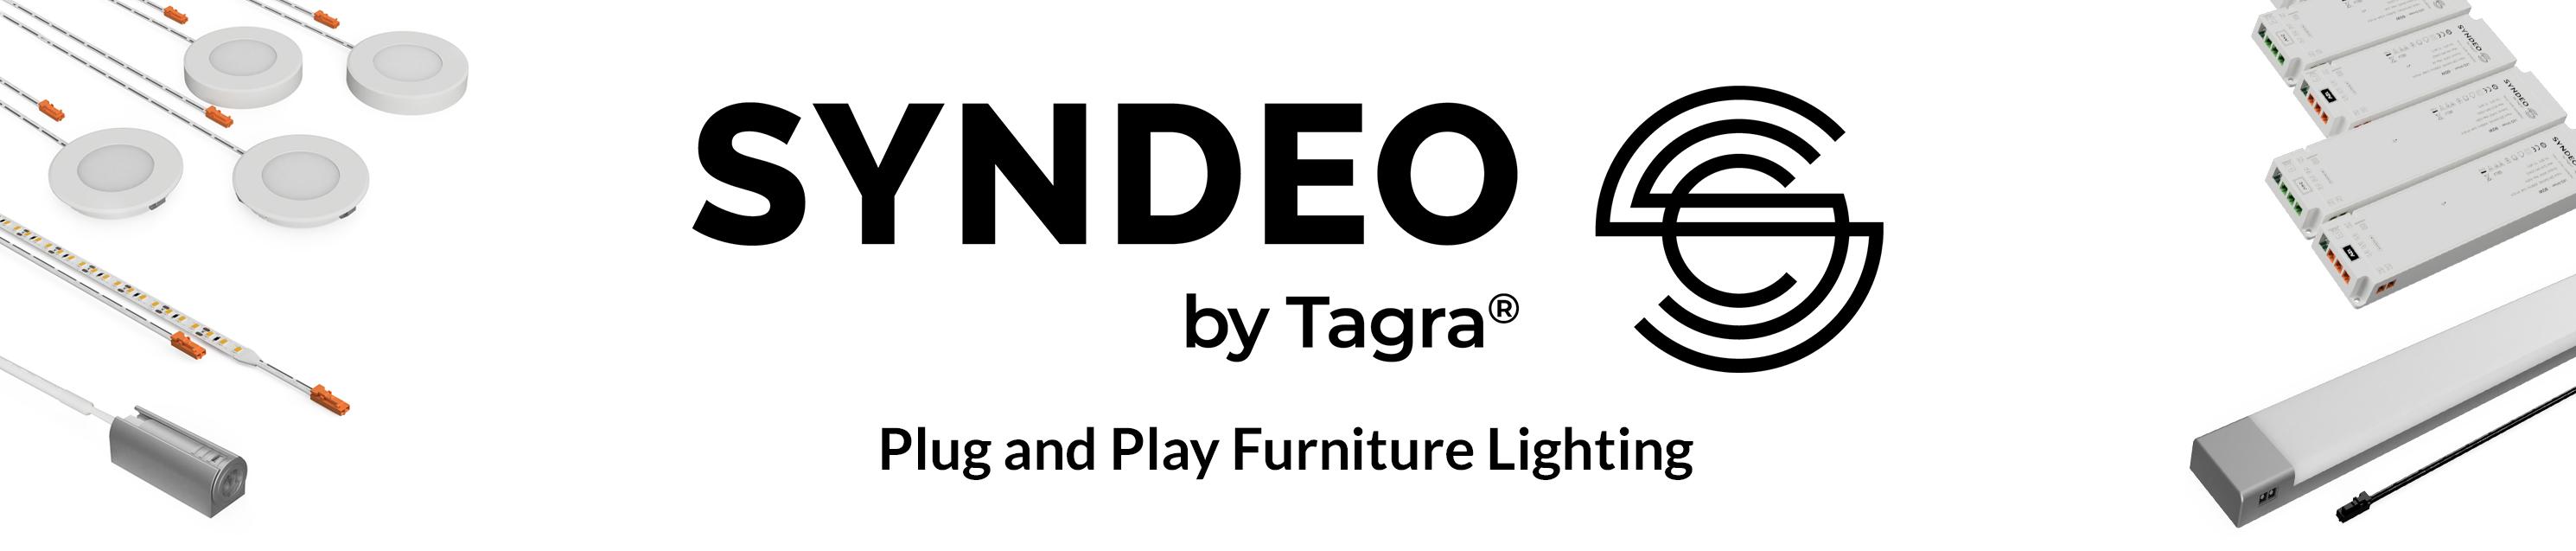 plug-and-play-furniture-lighting.jpg